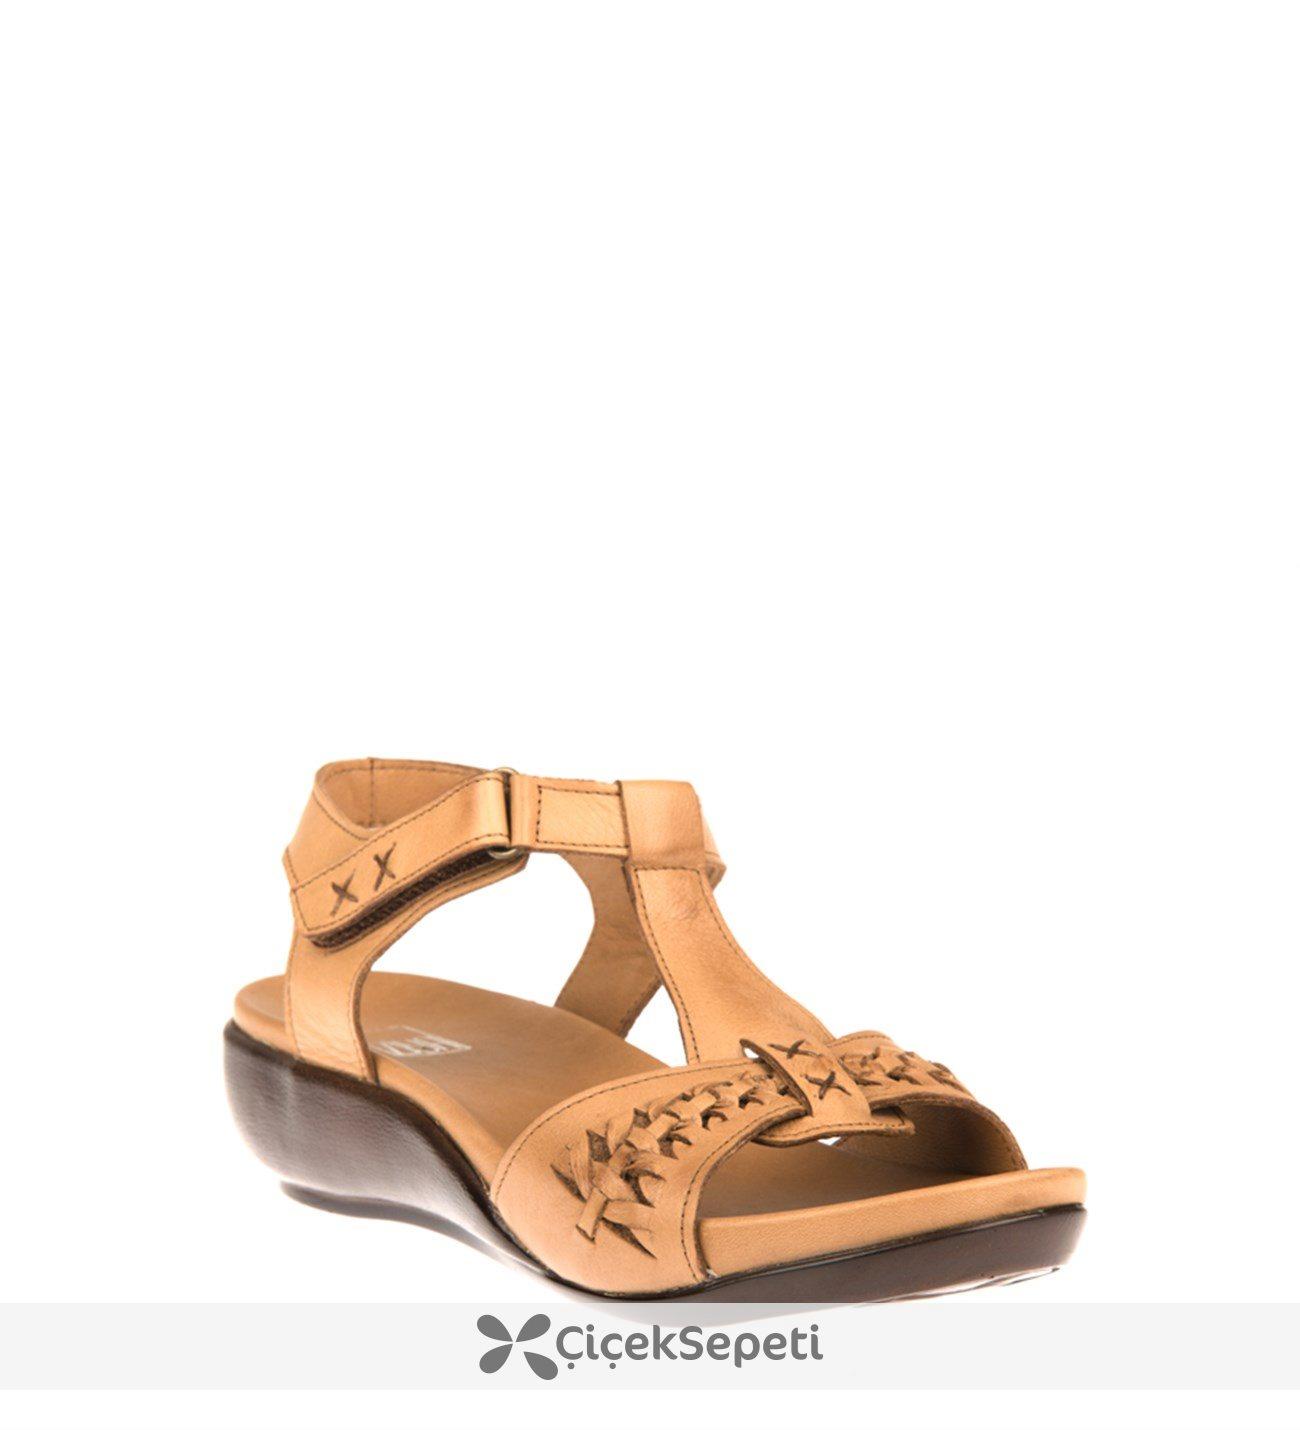 Ziya Kadın Hakiki Deri Sandalet 8176 6129 Taba